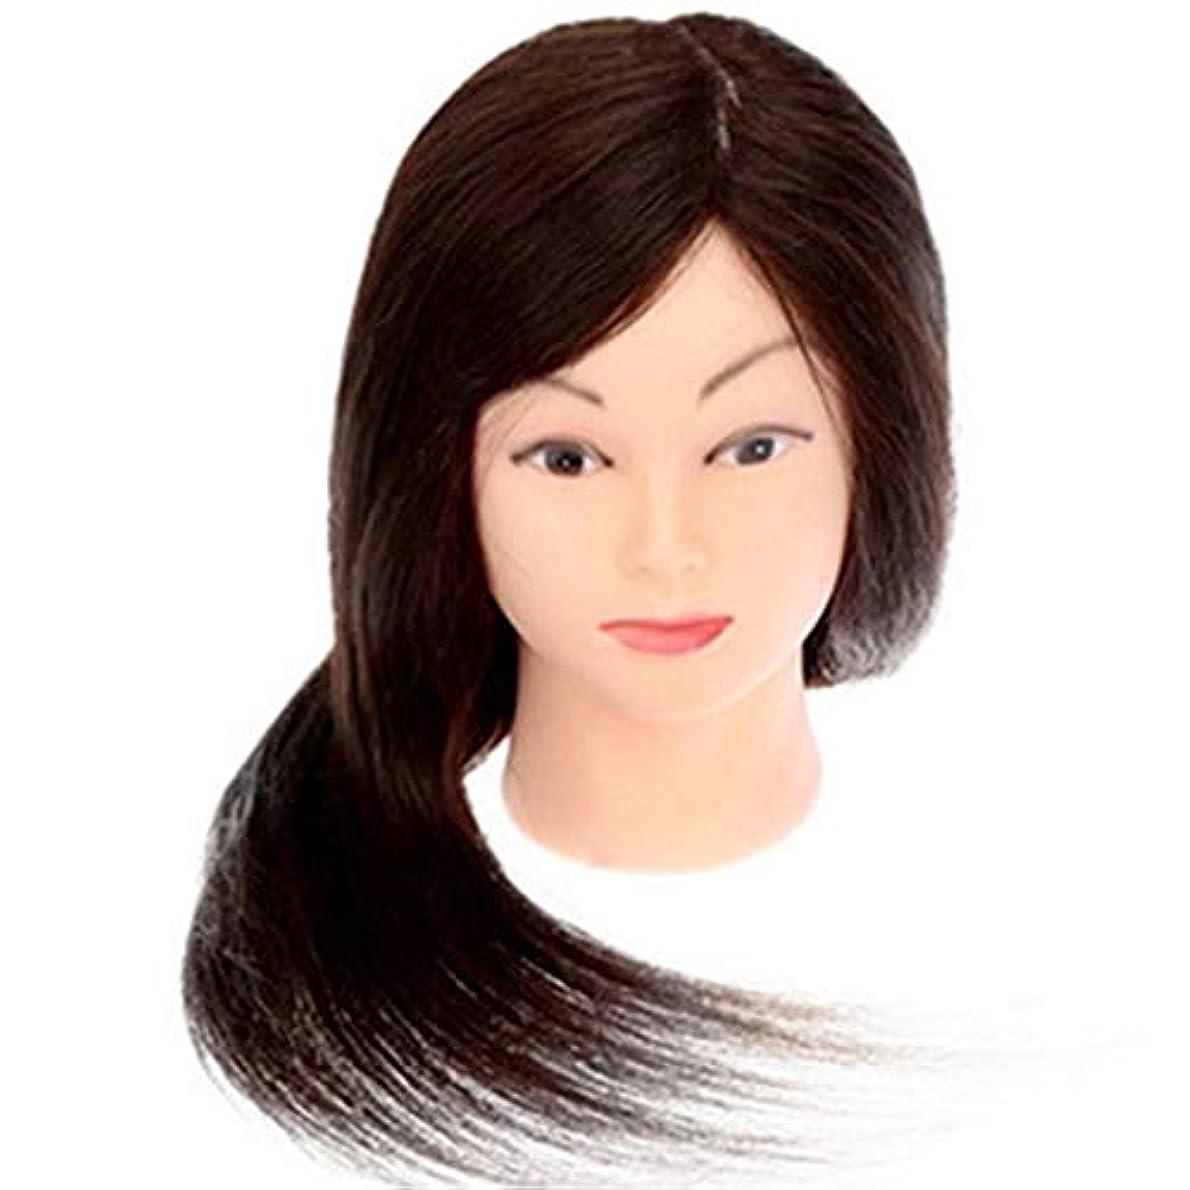 メイクアップエクササイズディスク髪編組ヘッド金型デュアルユースダミーヘッドモデルヘッド美容ヘアカットティーチングヘッドかつら